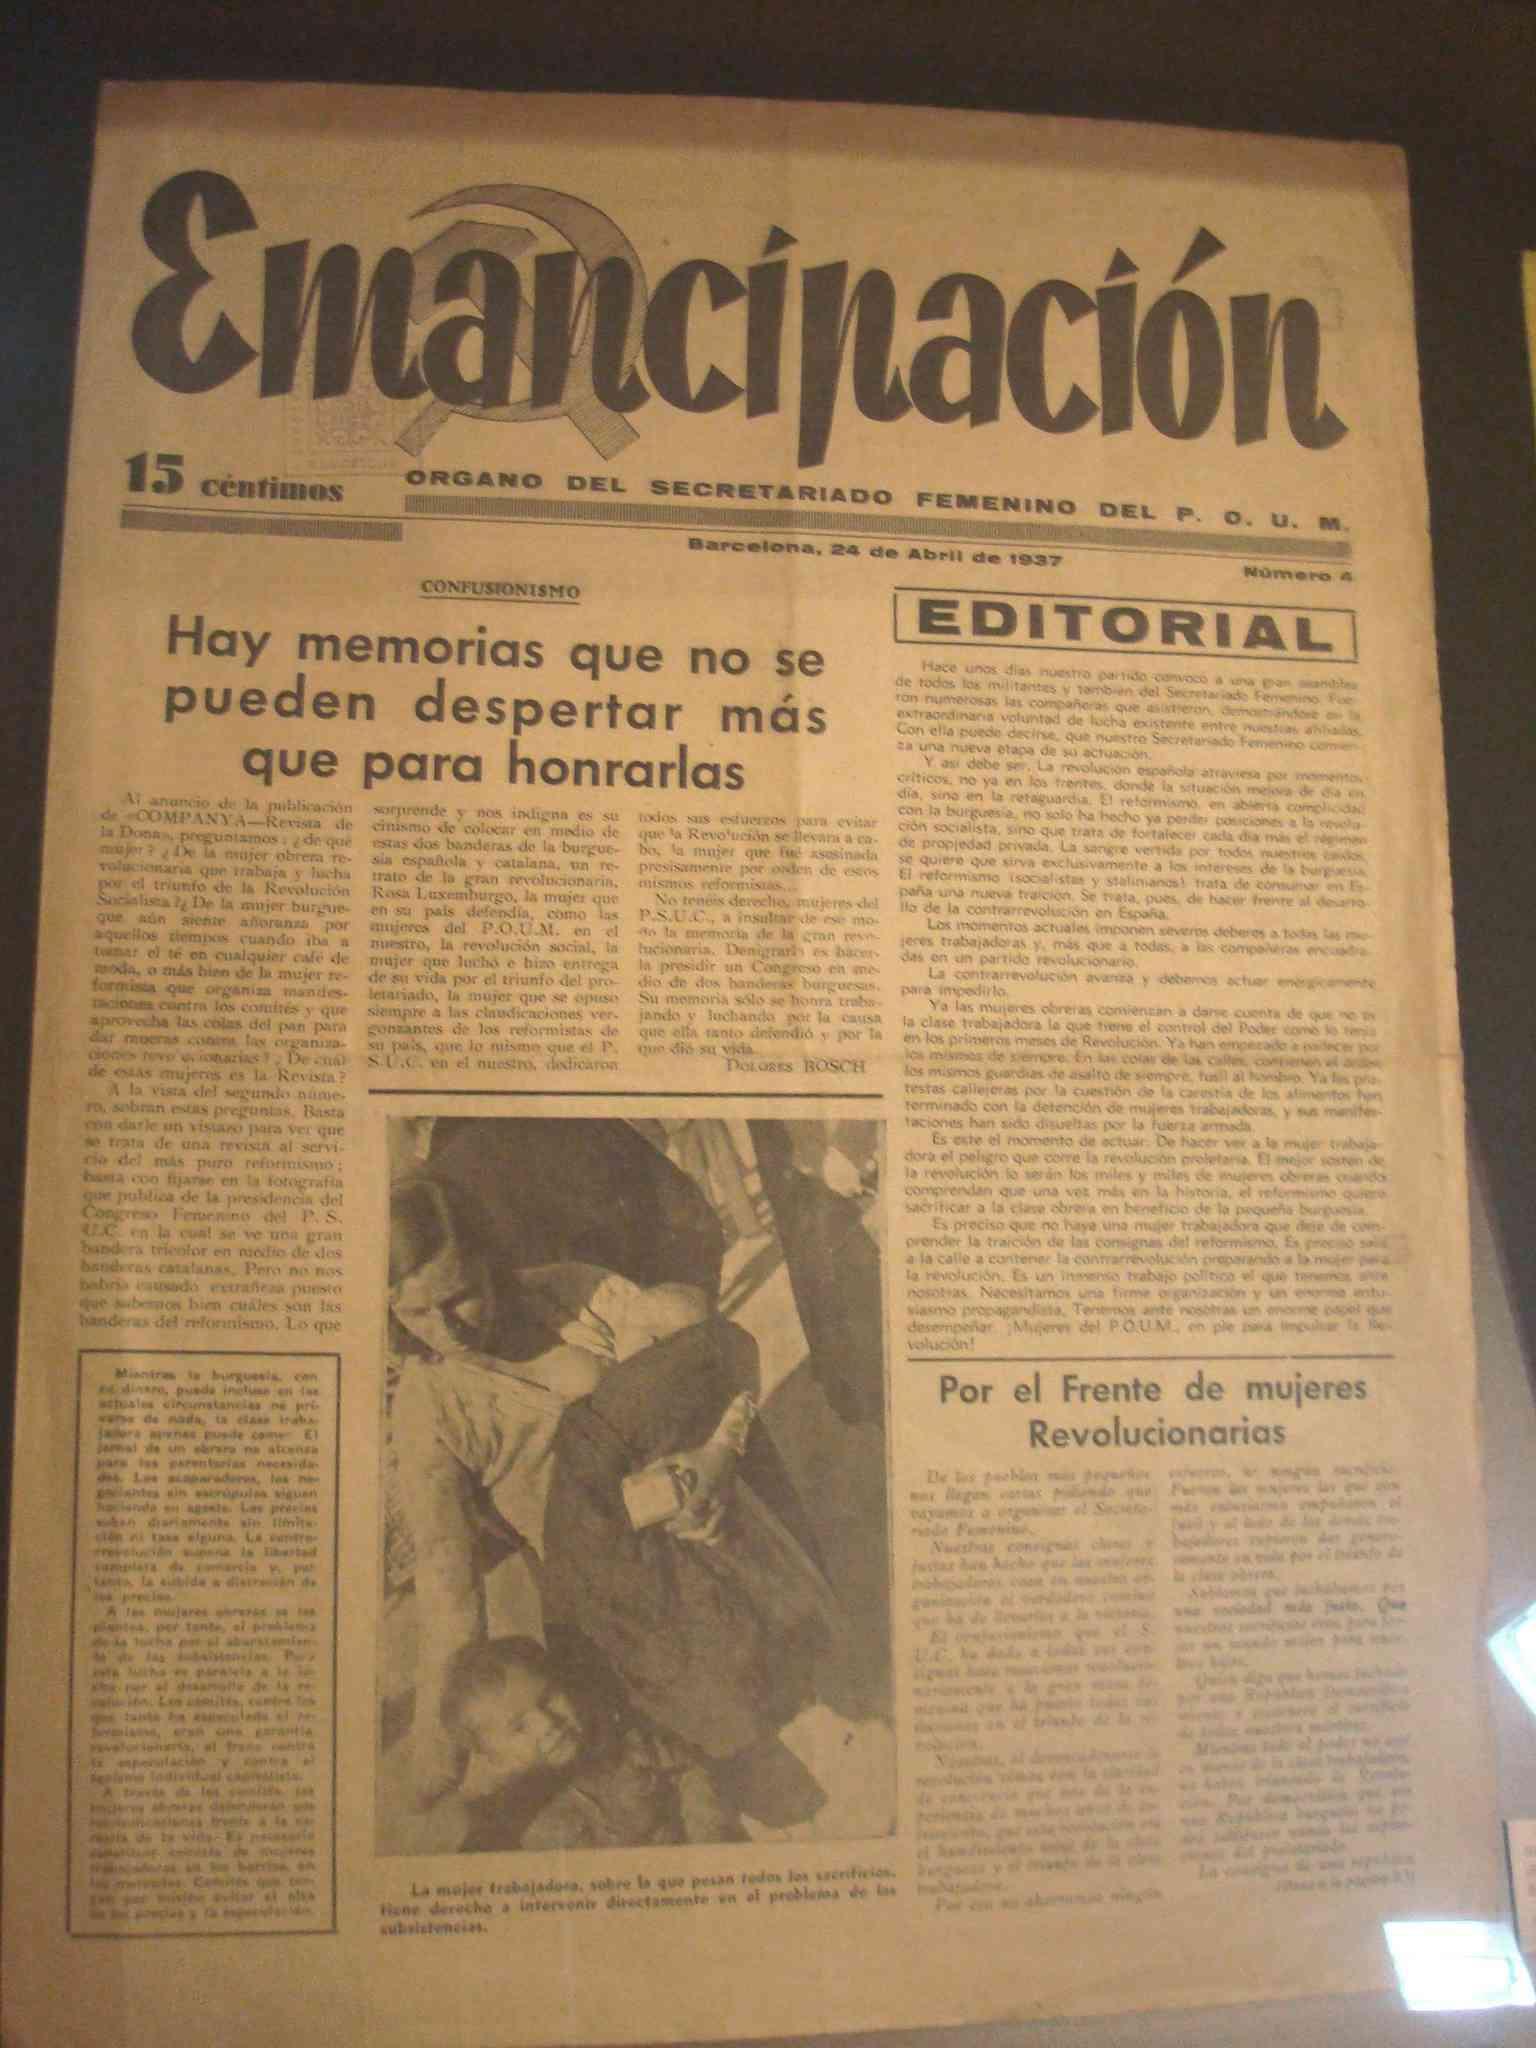 Publicació de l'Òrgan del Secretariat Femení del P.O.U.M. amb data 24 d'abril de 1937